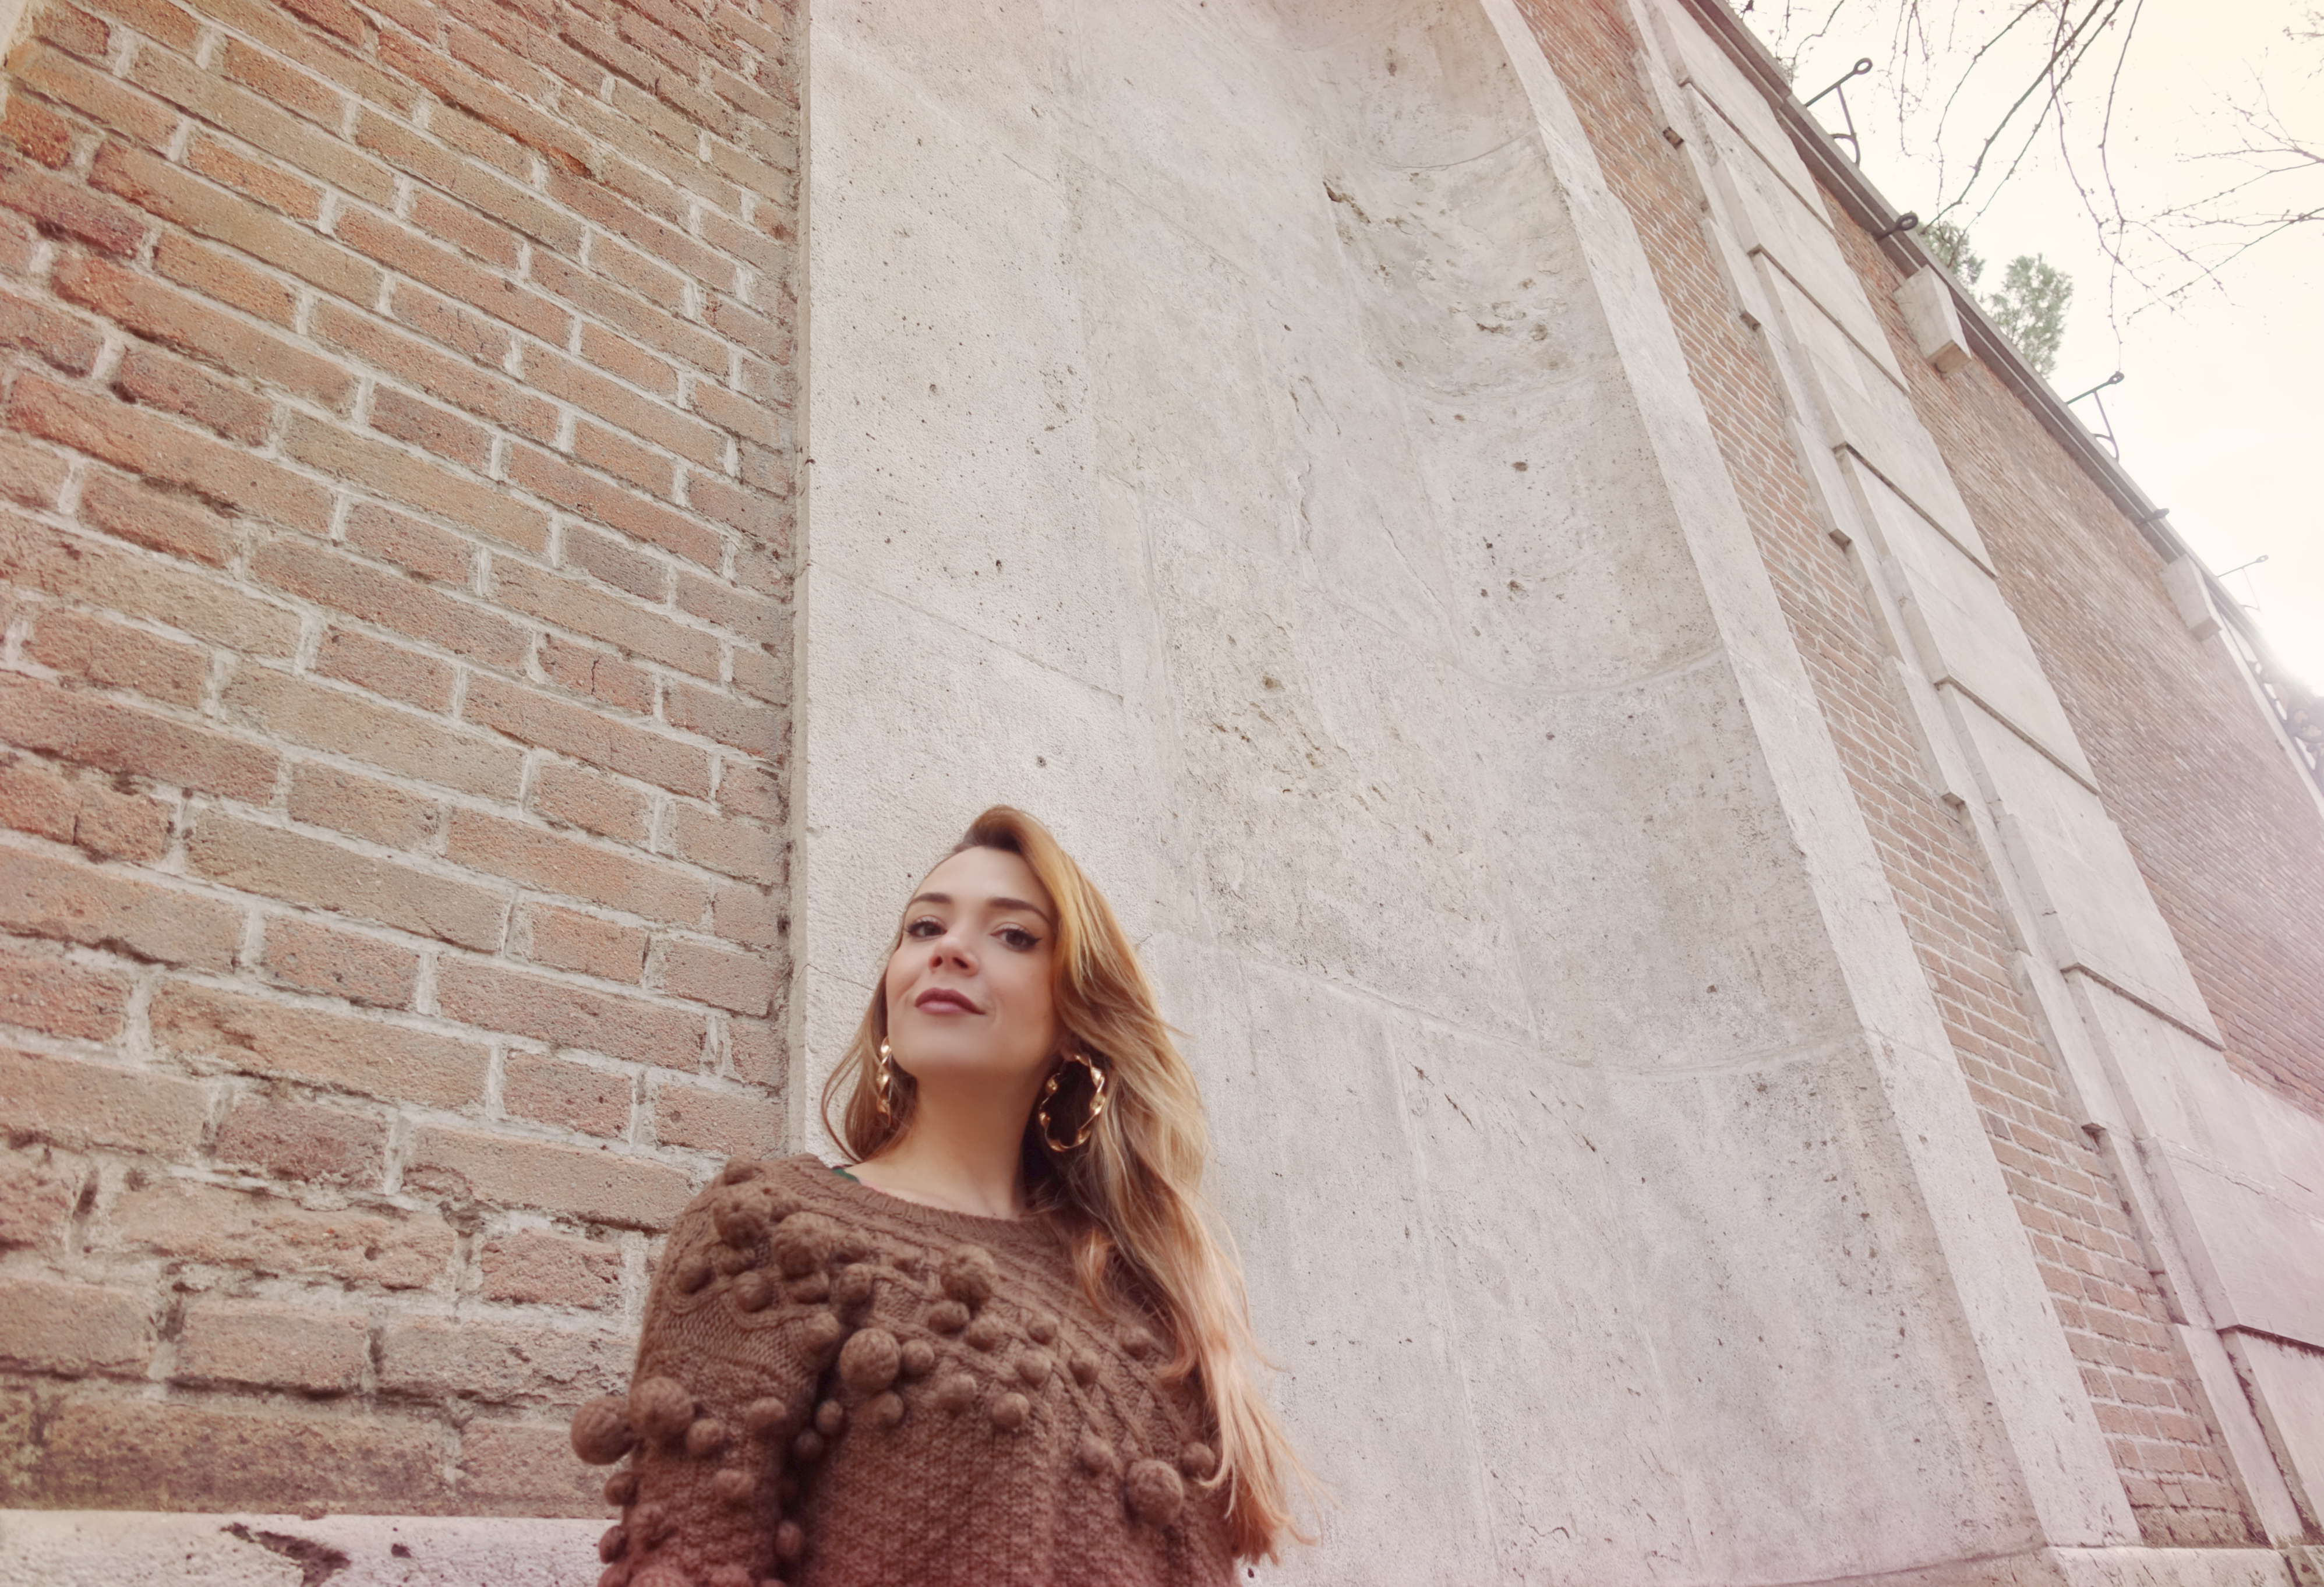 Sweater-weather-JovonnaLondon-Piensaenchic-blog-de-moda-chicadicta-fashionista-influencer-aros-dorados-chic-adicta-Piensa-en-chic-